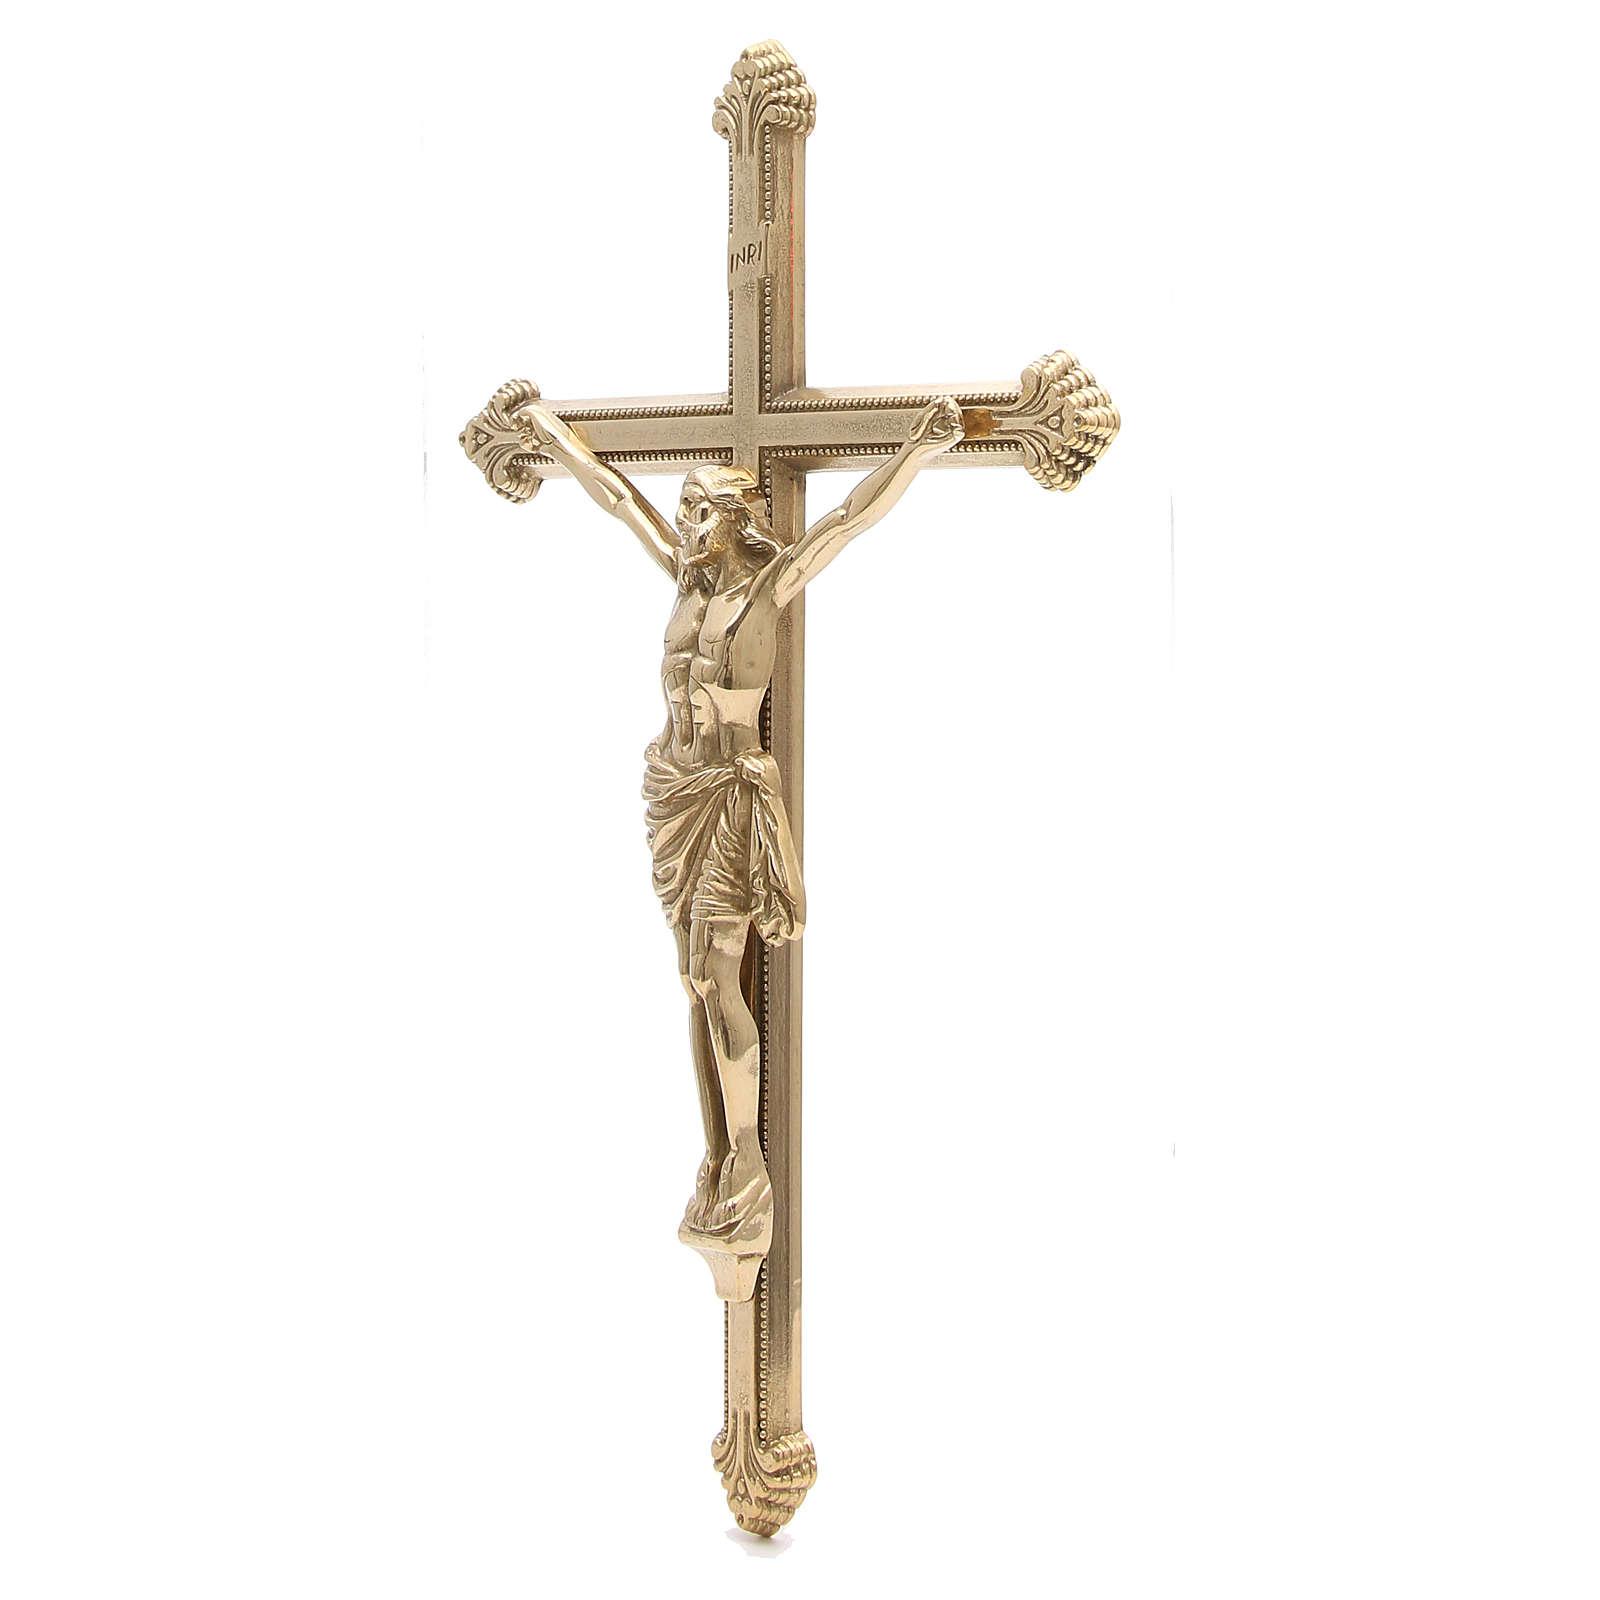 Crocifisso cm 46 ottone dorato 4